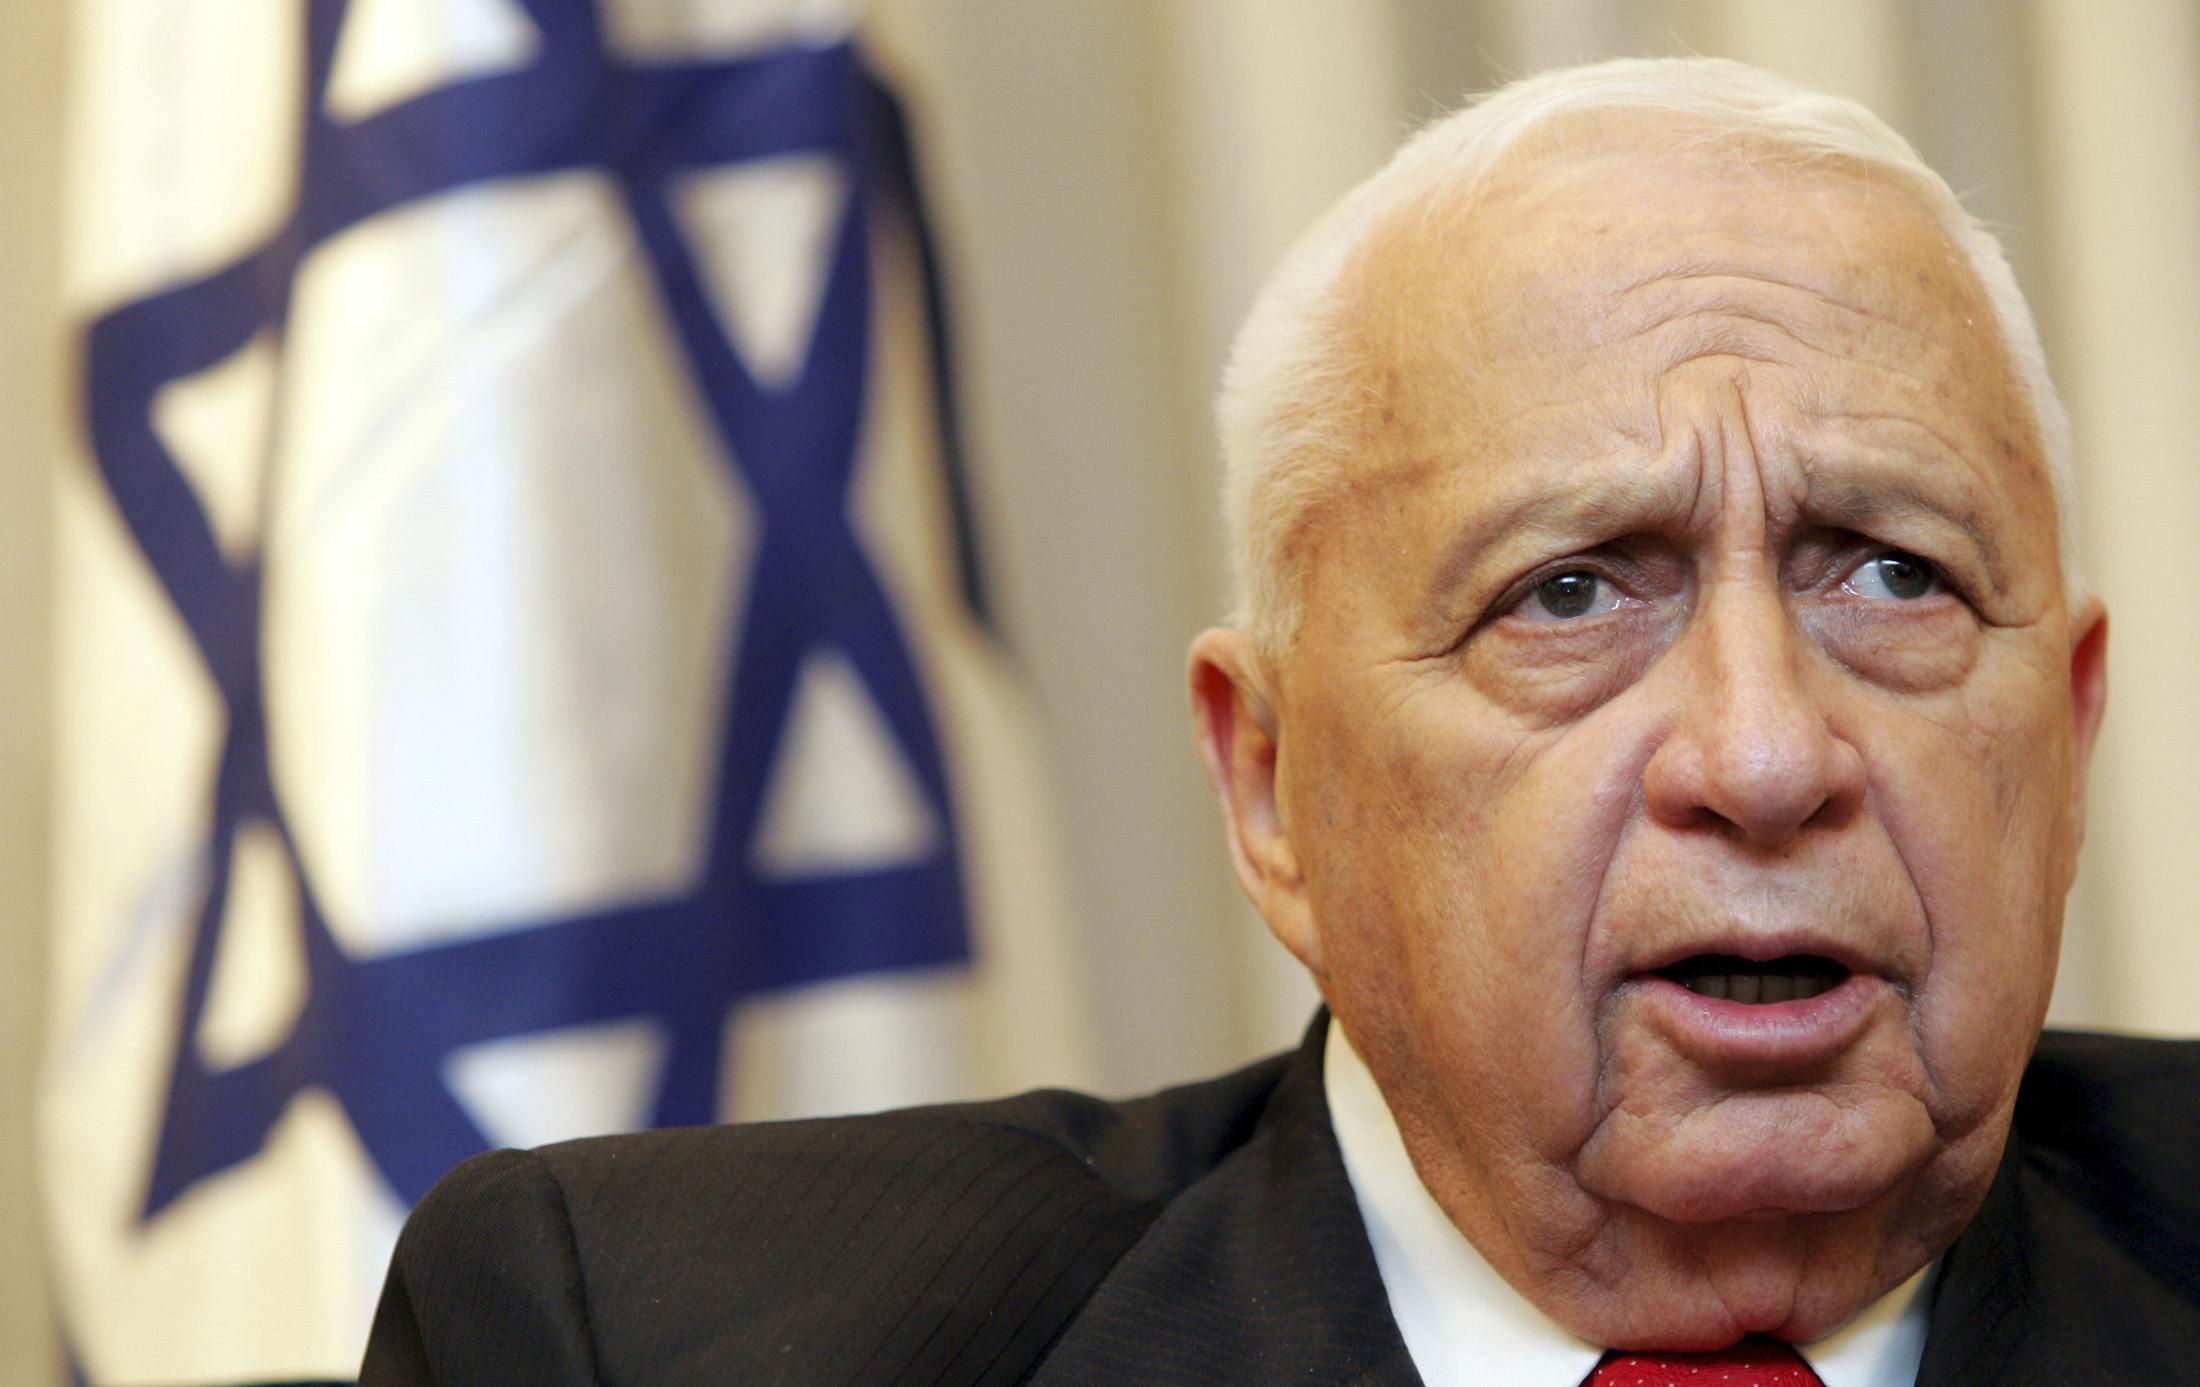 O estado de saúde  do ex-primeiro-ministro israelense Ariel Sharon, que está em coma há quase oito anos piora, informa hospital onde está internado.